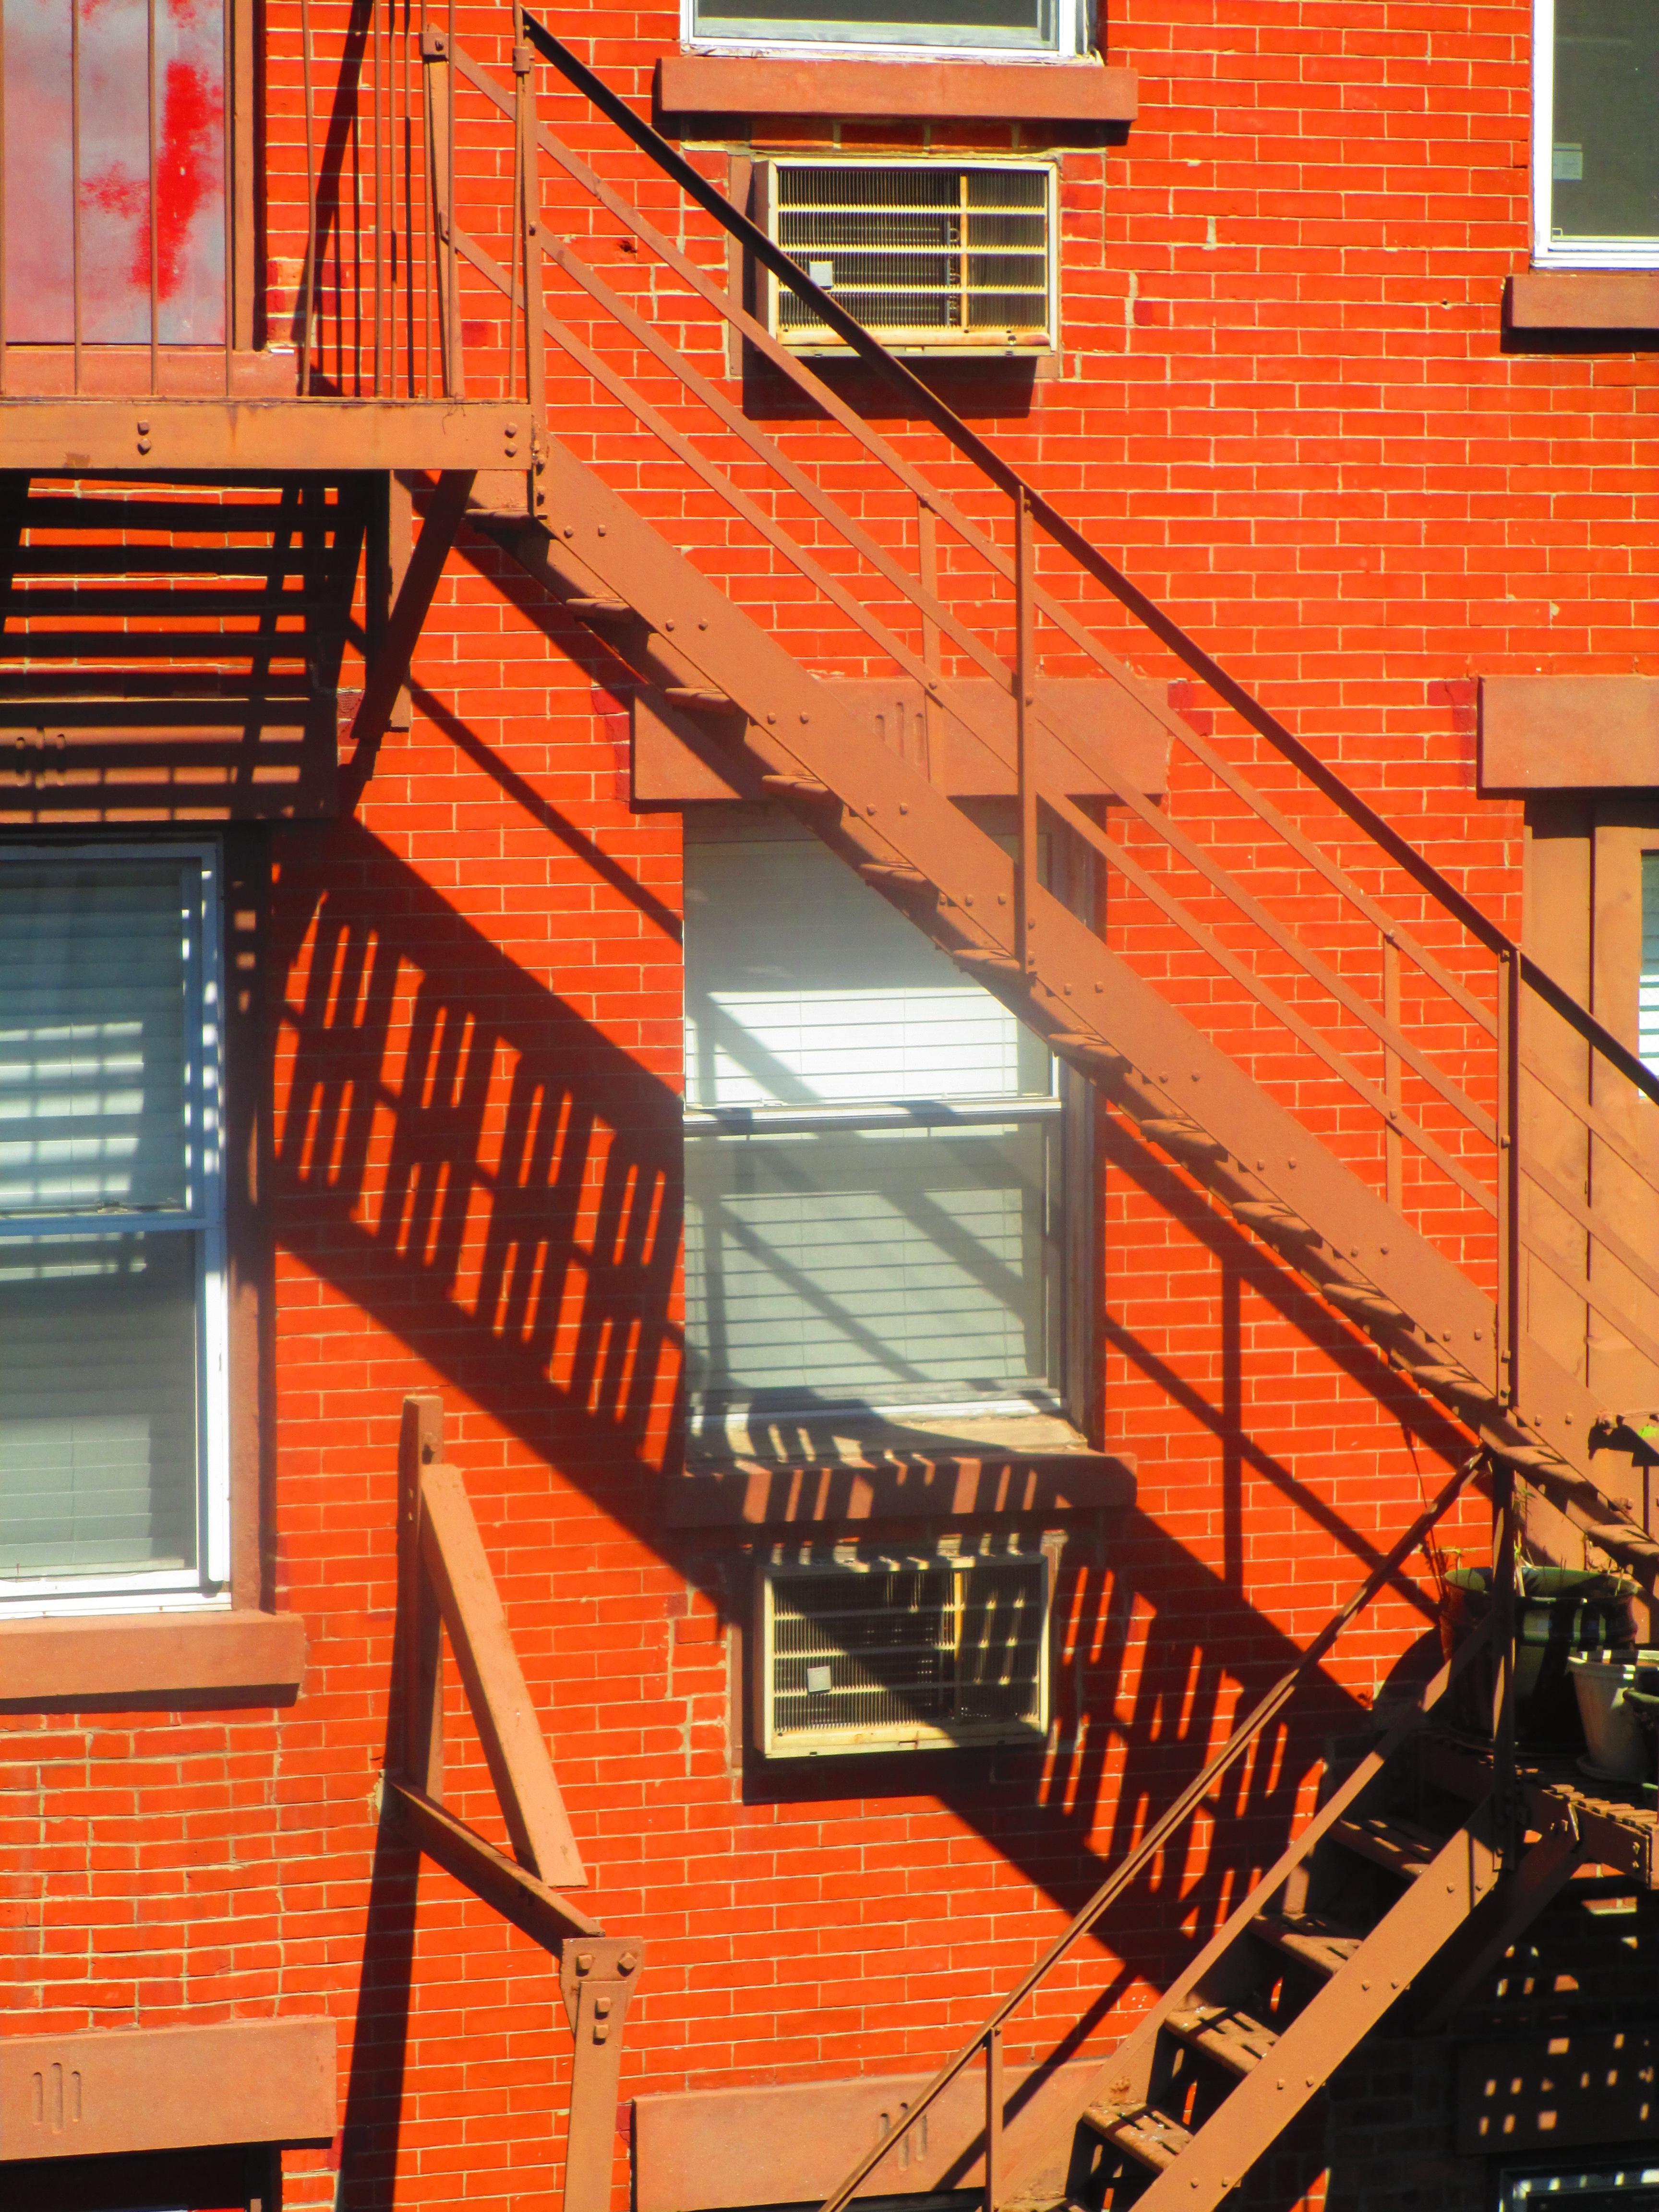 scala antincendio all'esterno di un condominio a New York